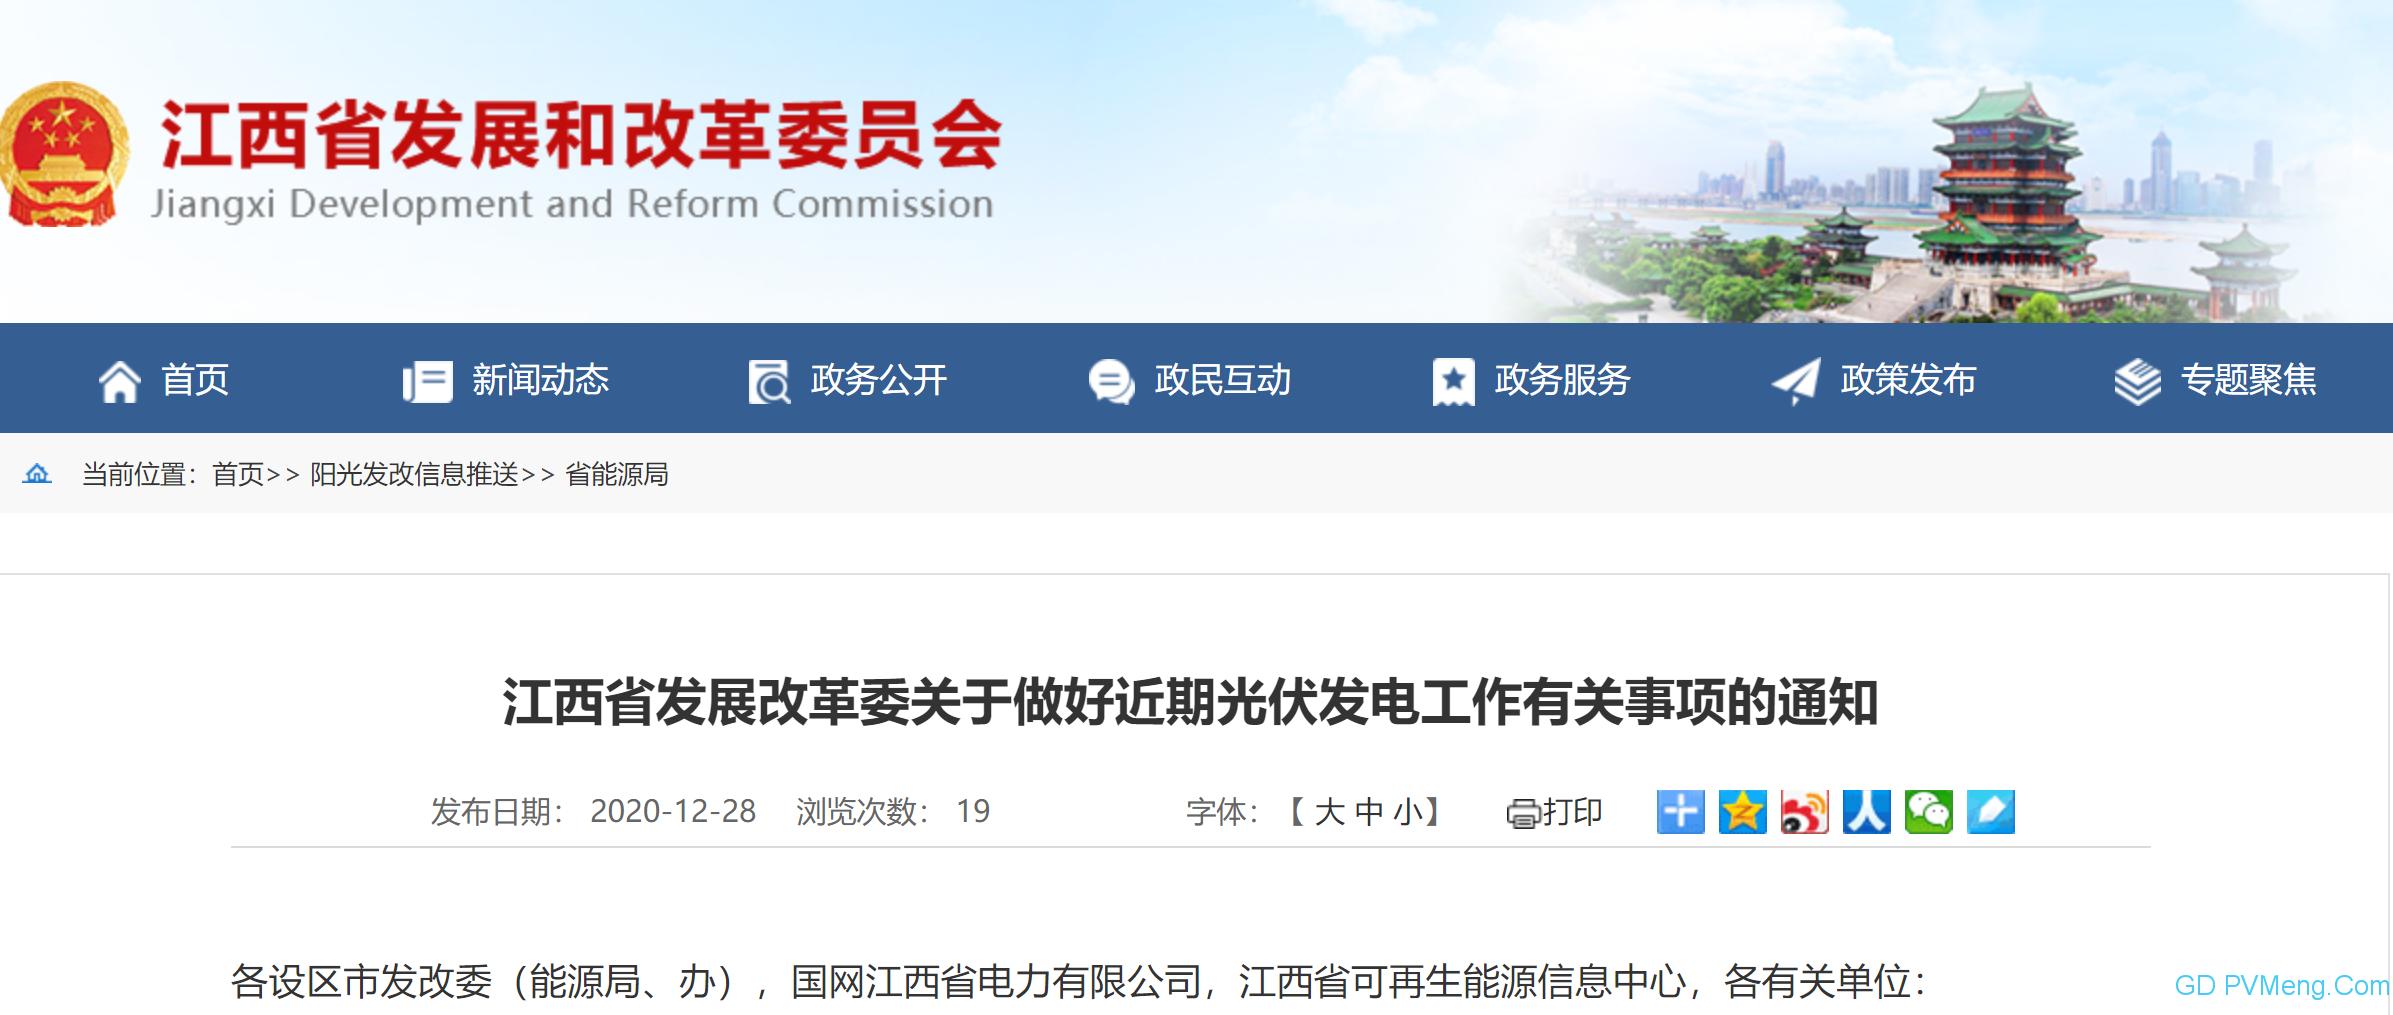 江西省发展改革委关于做好近期光伏发电工作有关事项的通知(赣发改能源〔2020〕1105号)20201228